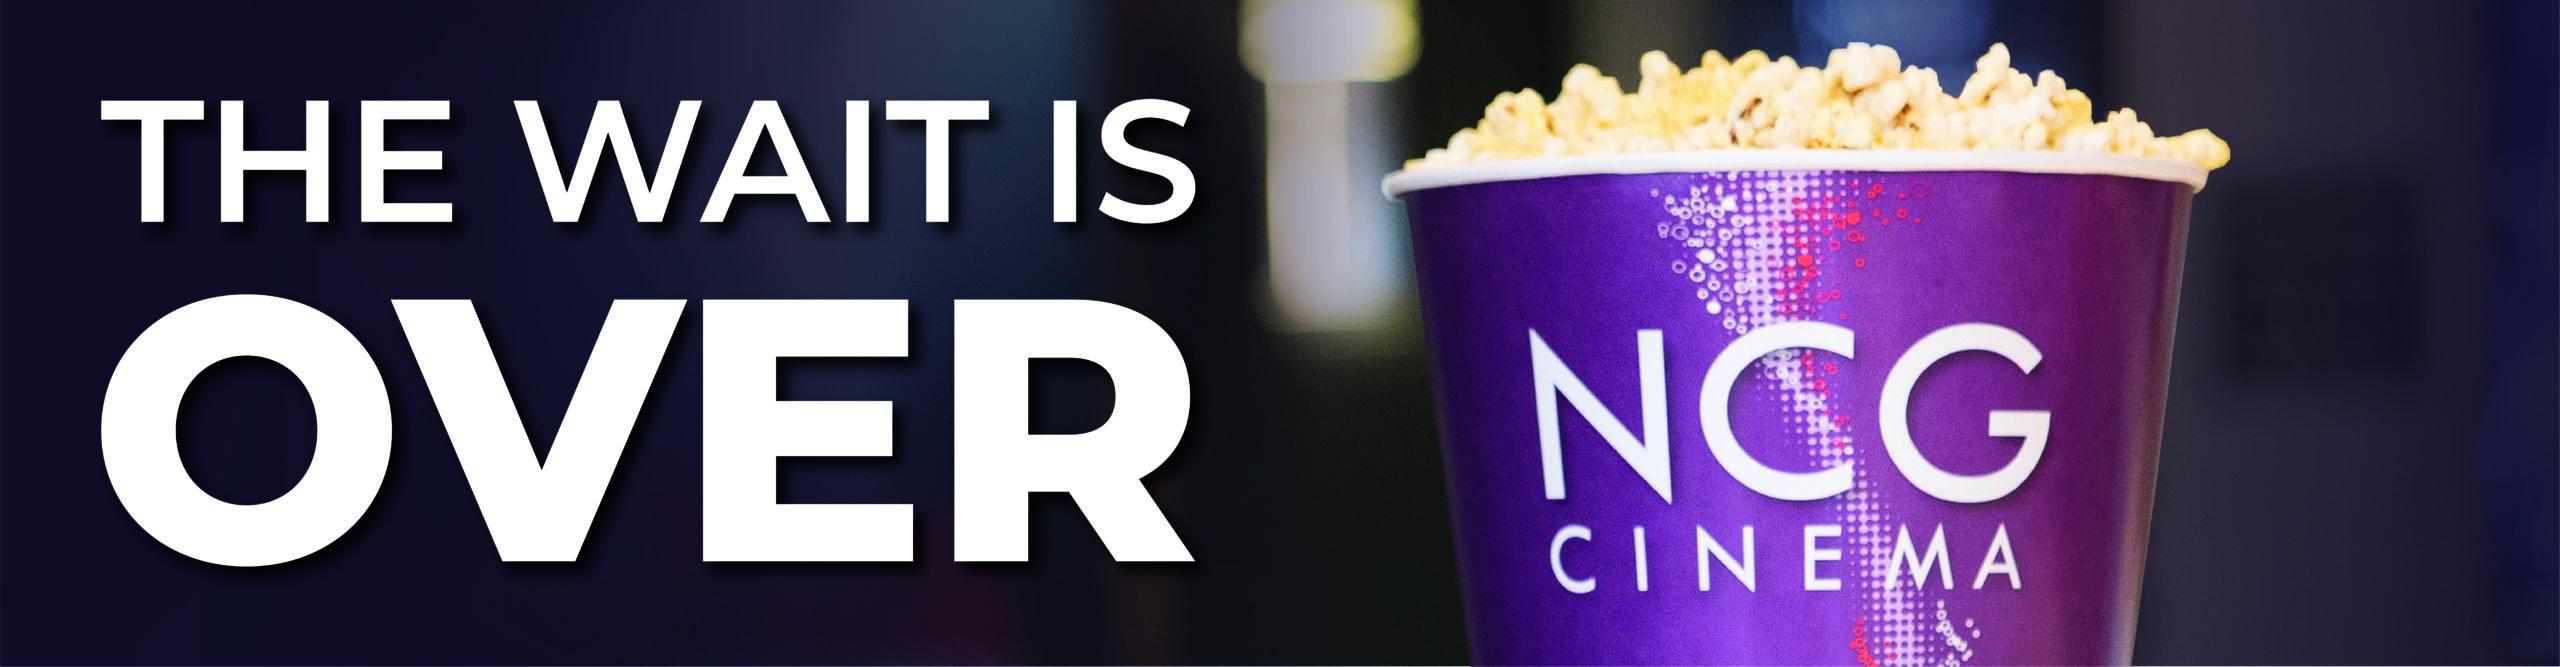 Lansing Ncg Movies